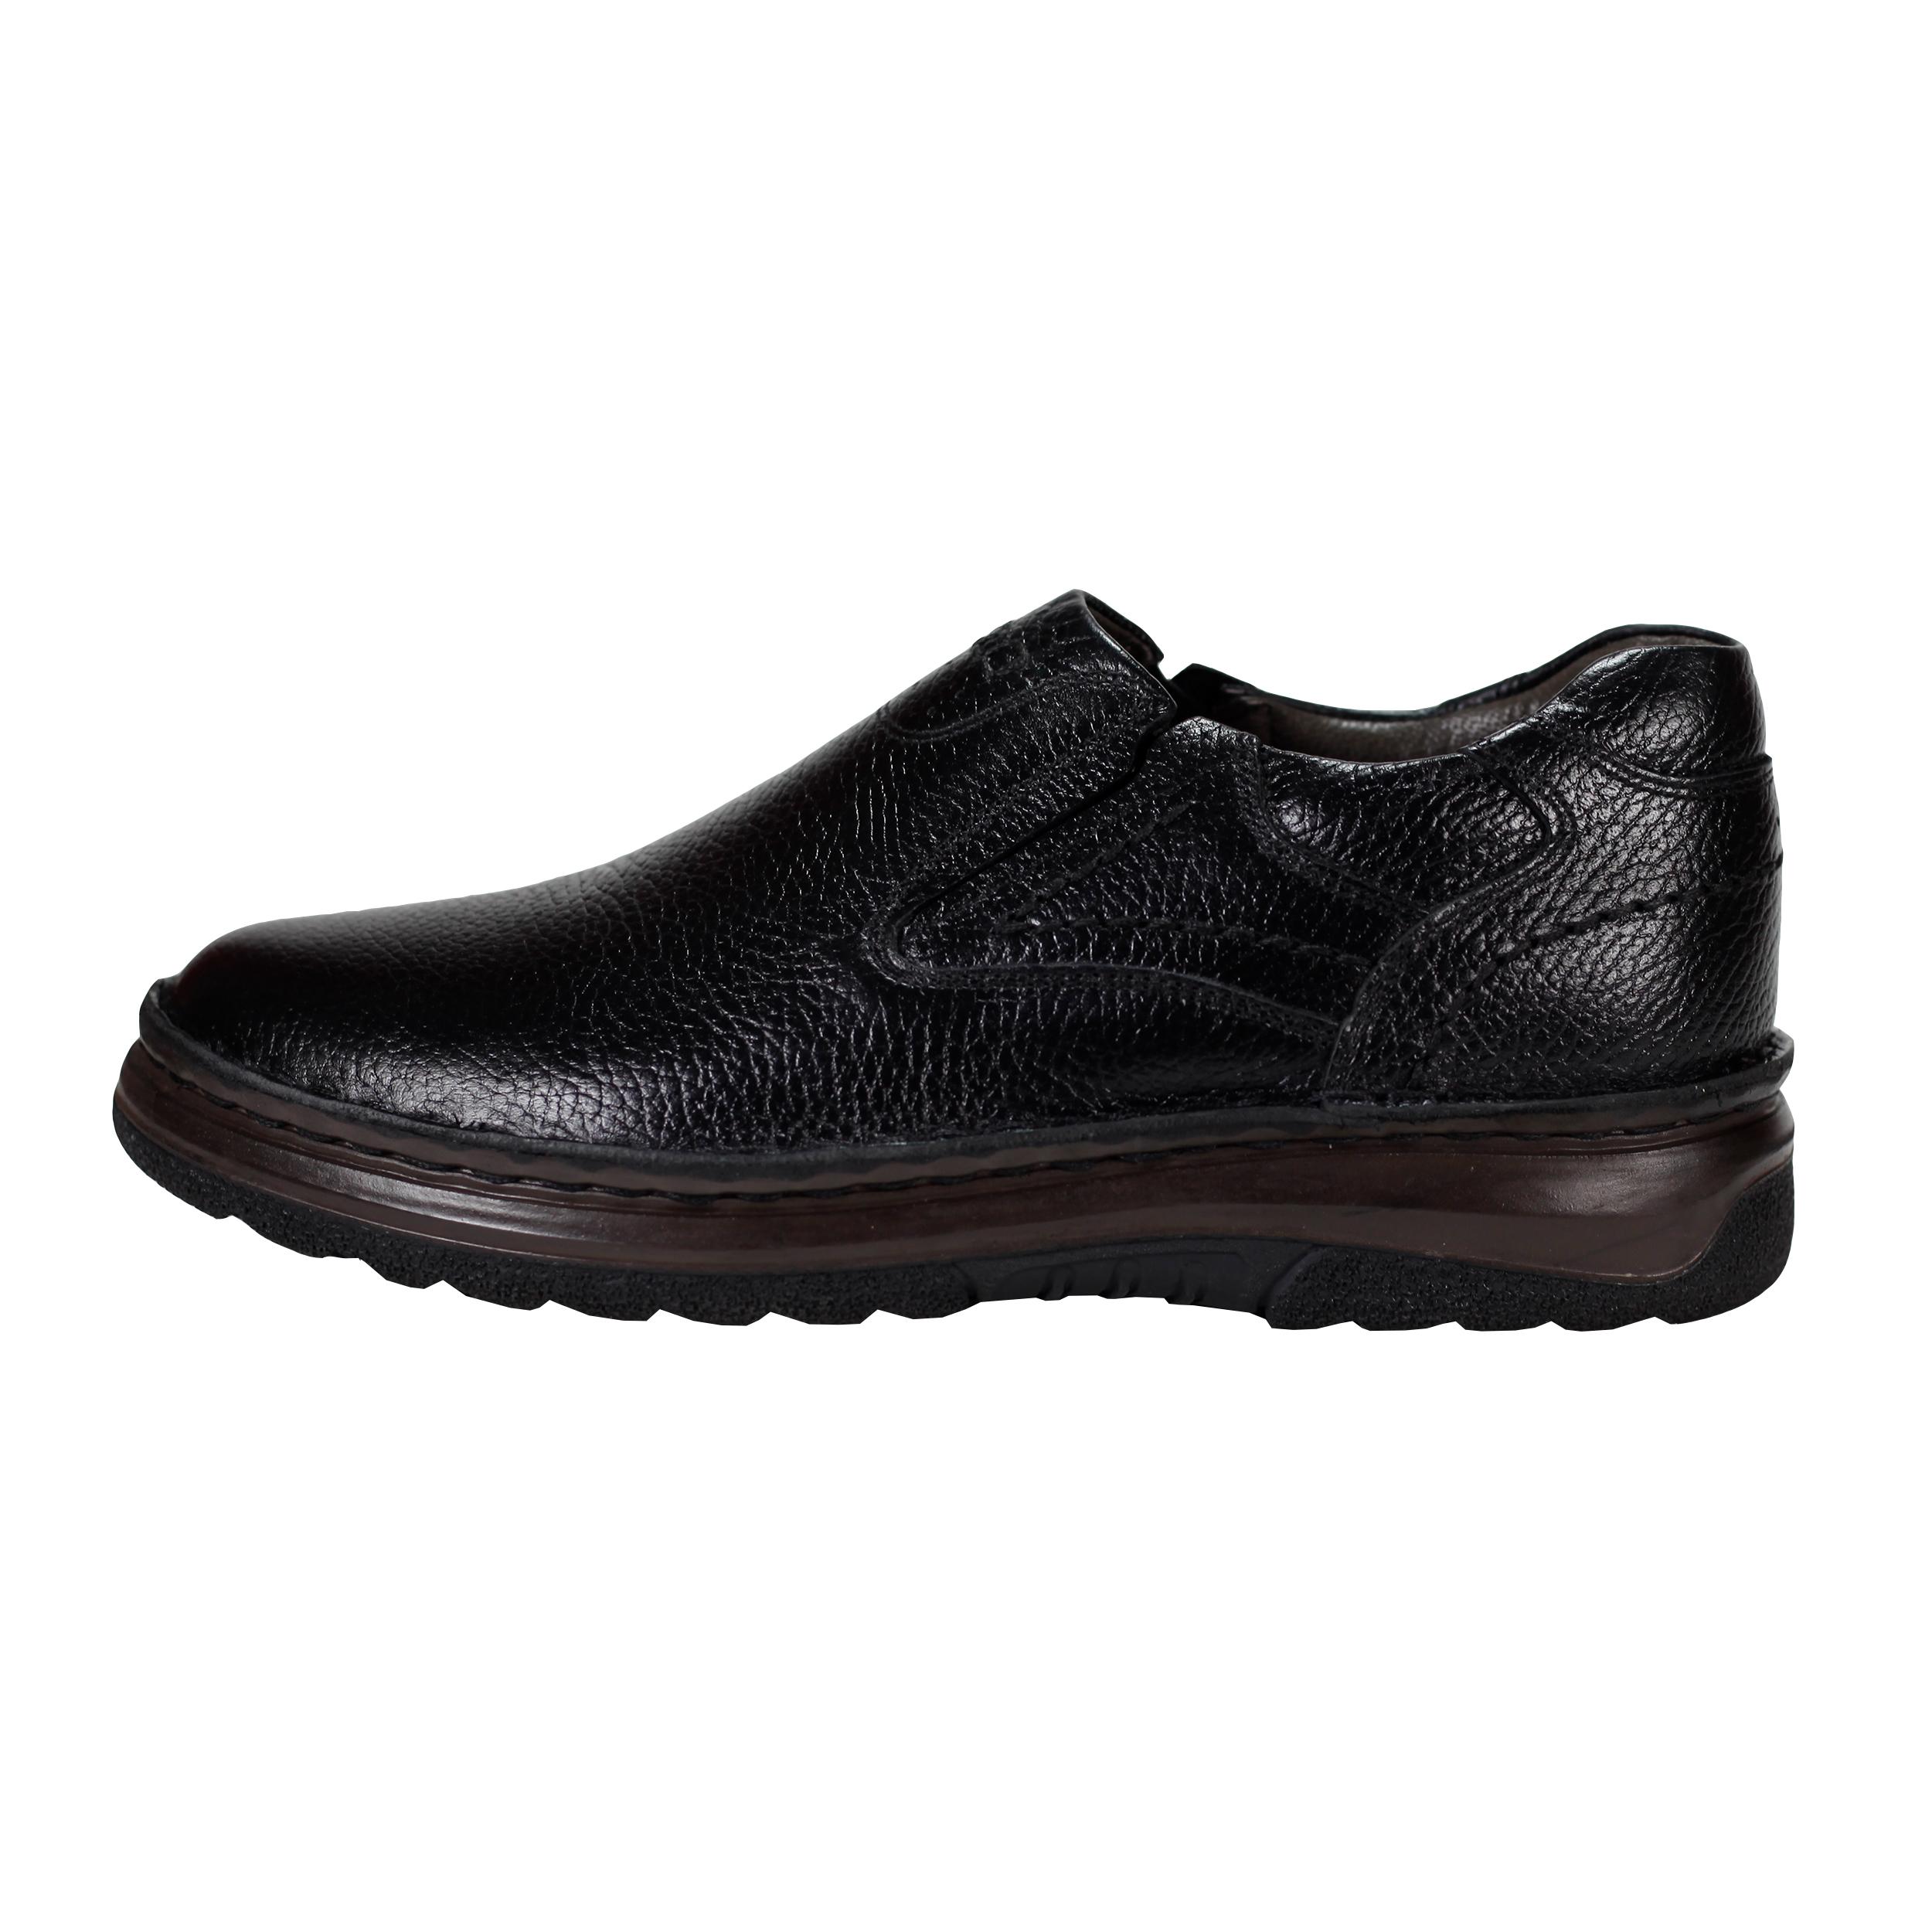 کفش روزمره مردانه چرم چهل ستون کد 107-B